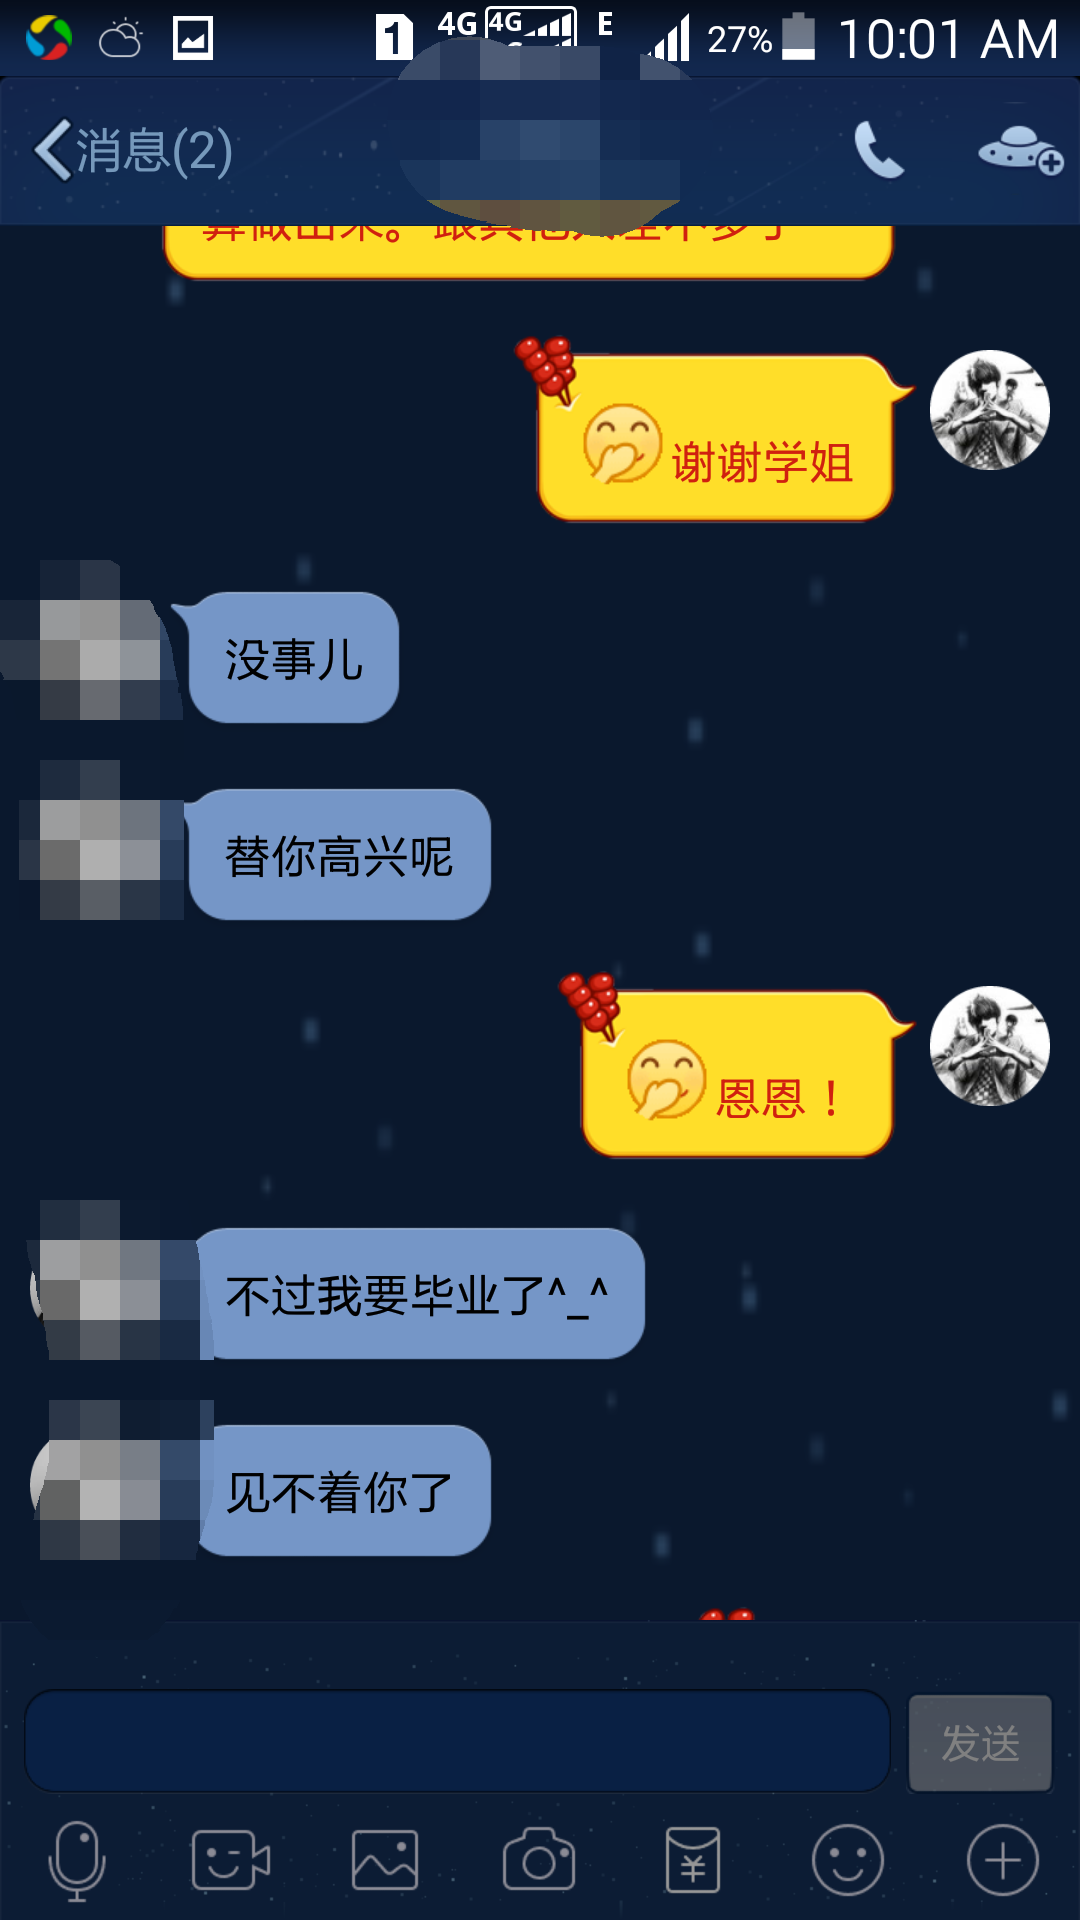 图片21_看图王.png